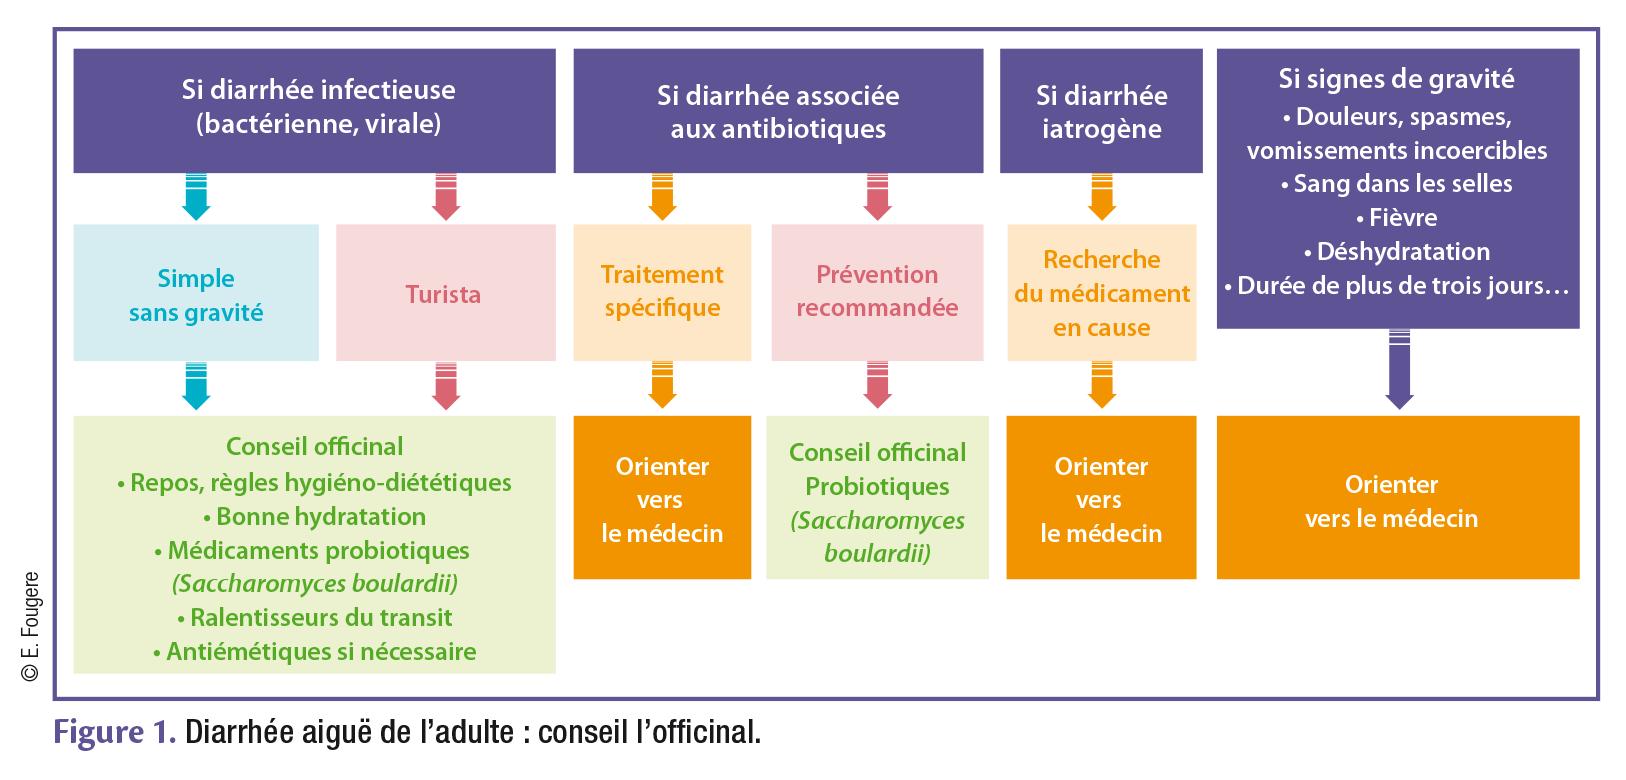 Figure 1. Diarrhée aiguë de l'adulte : conseil l'offi cinal.